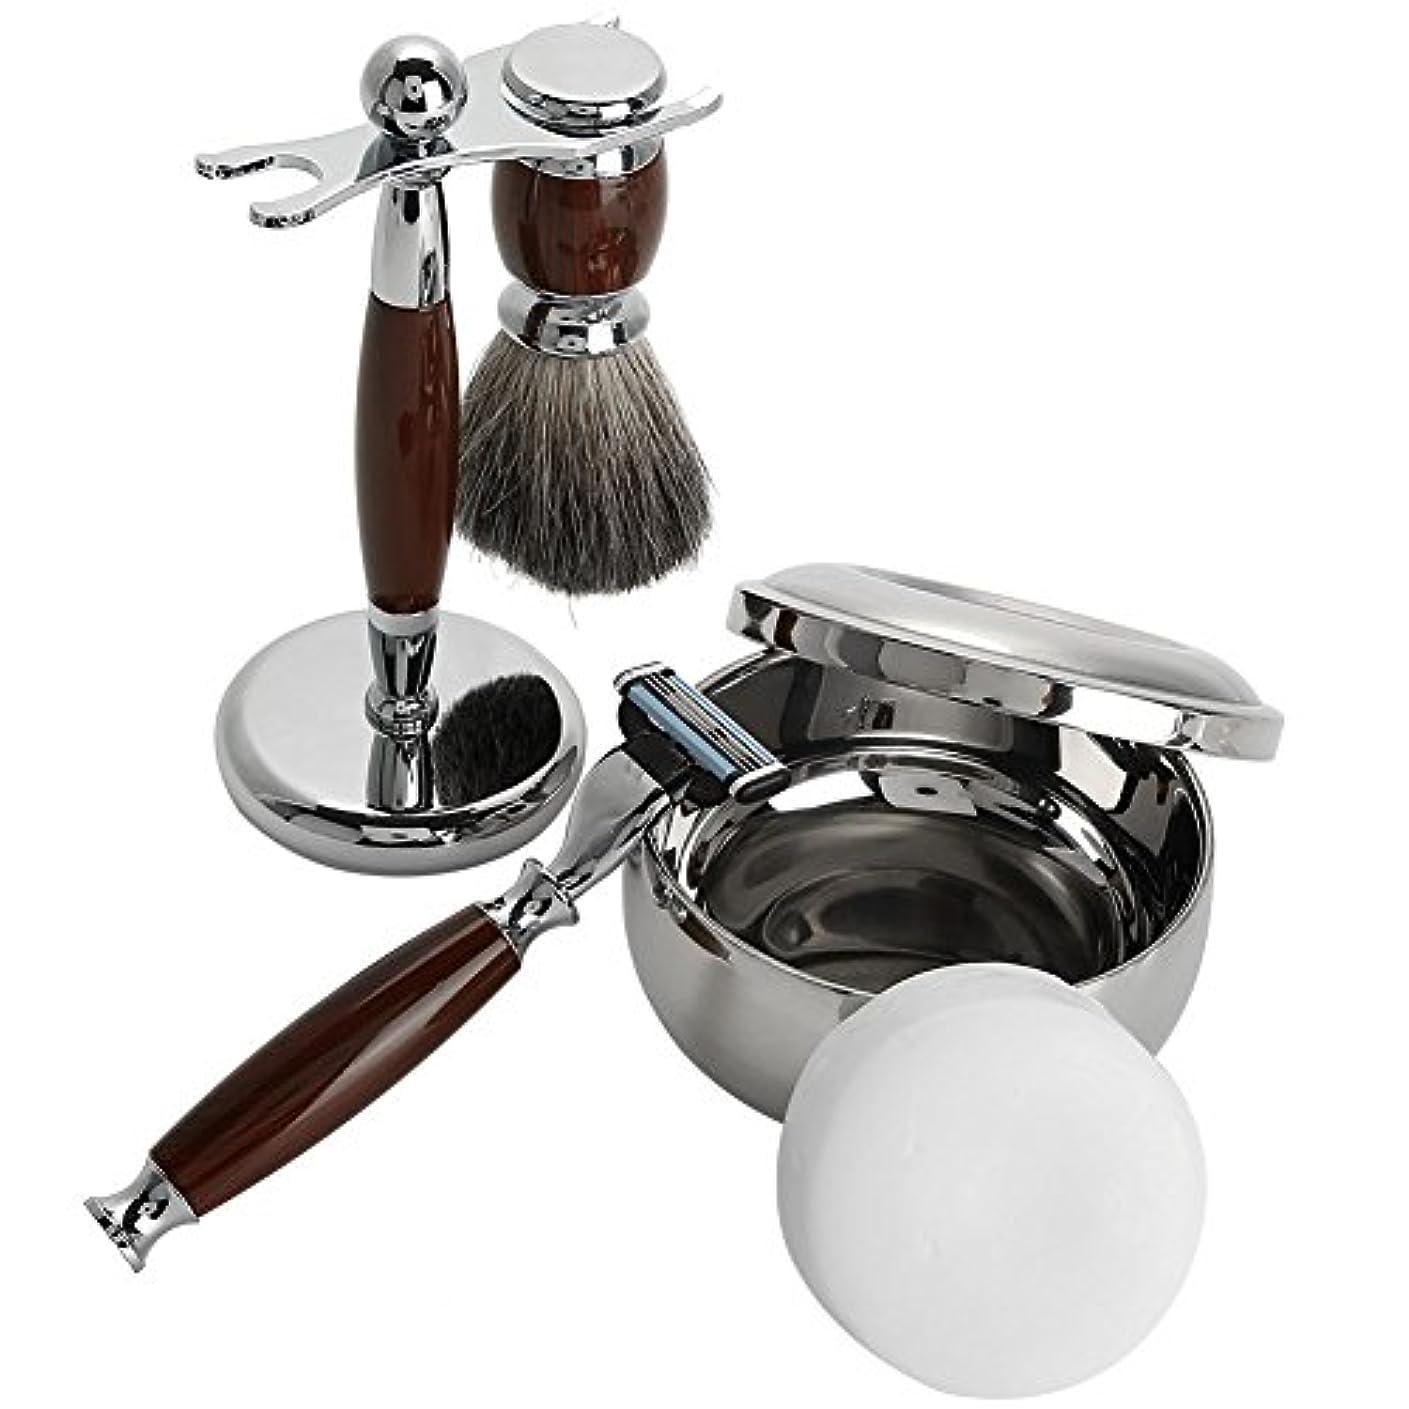 抗生物質直面するフリル剃刀 -Dewin シェービングブラシセット、剃刀スタンド、石鹸ボウル、石鹸、洗顔ブラシ、髭剃り、泡立ち、メンズ